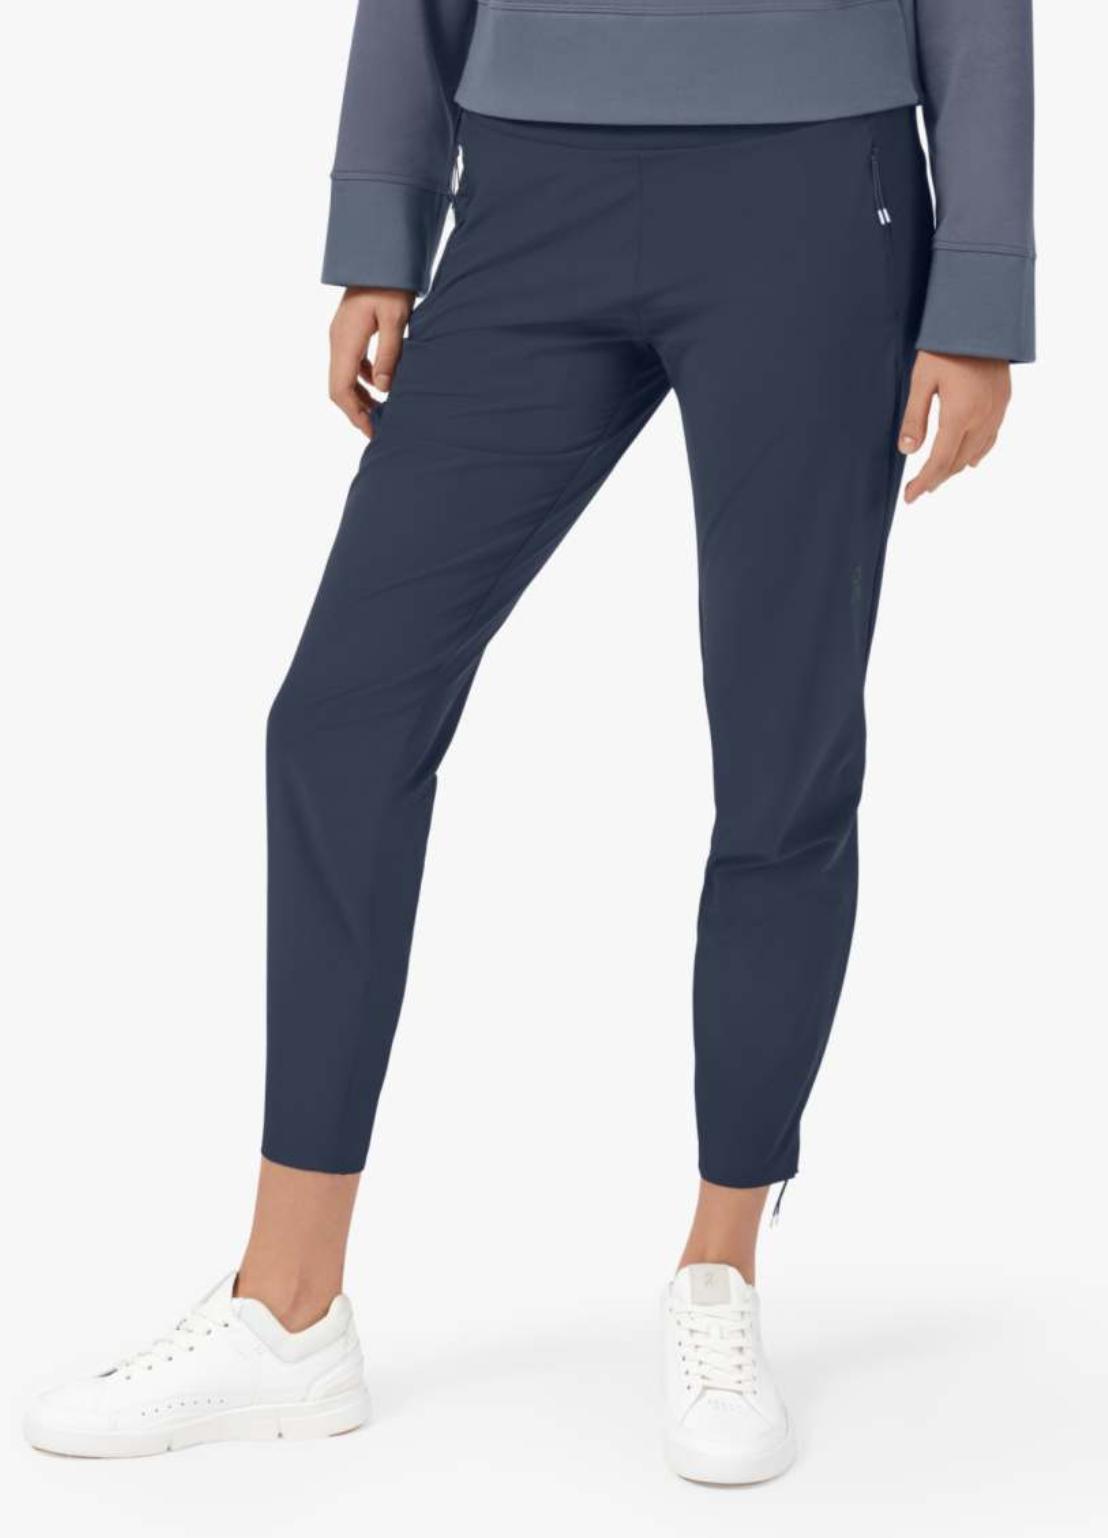 Women's Lightweight Pants-1